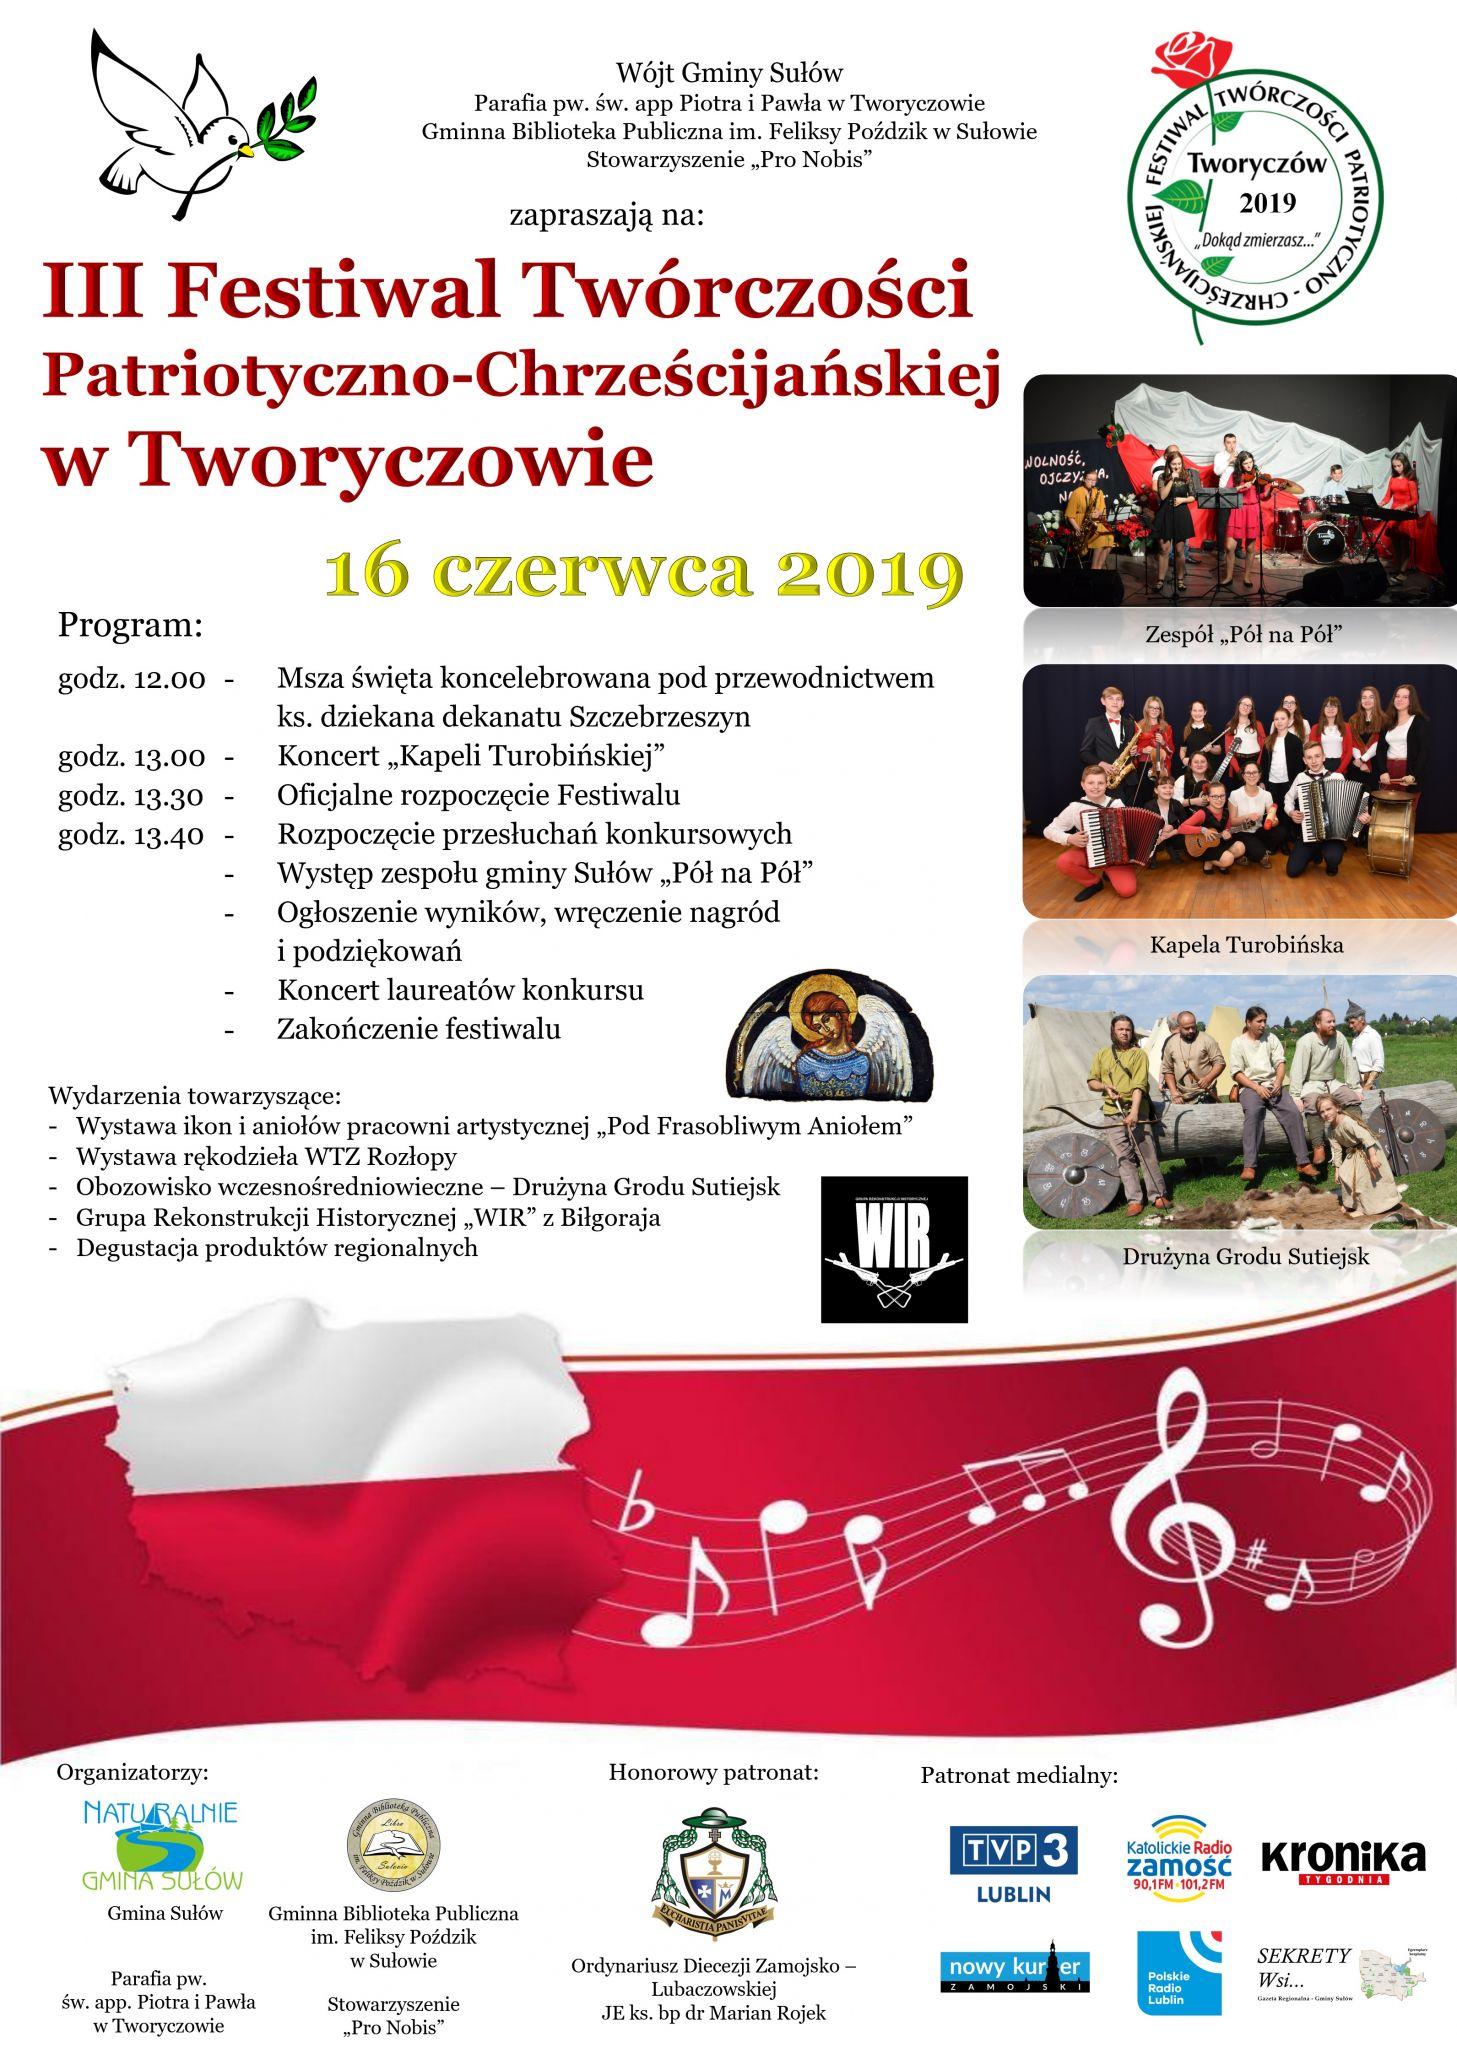 festiwal tworyczow 2019 Gm. Sułów: Zbliża się Festiwal Twórczości Patriotyczno - Chrześcijańskiej w Tworyczowie